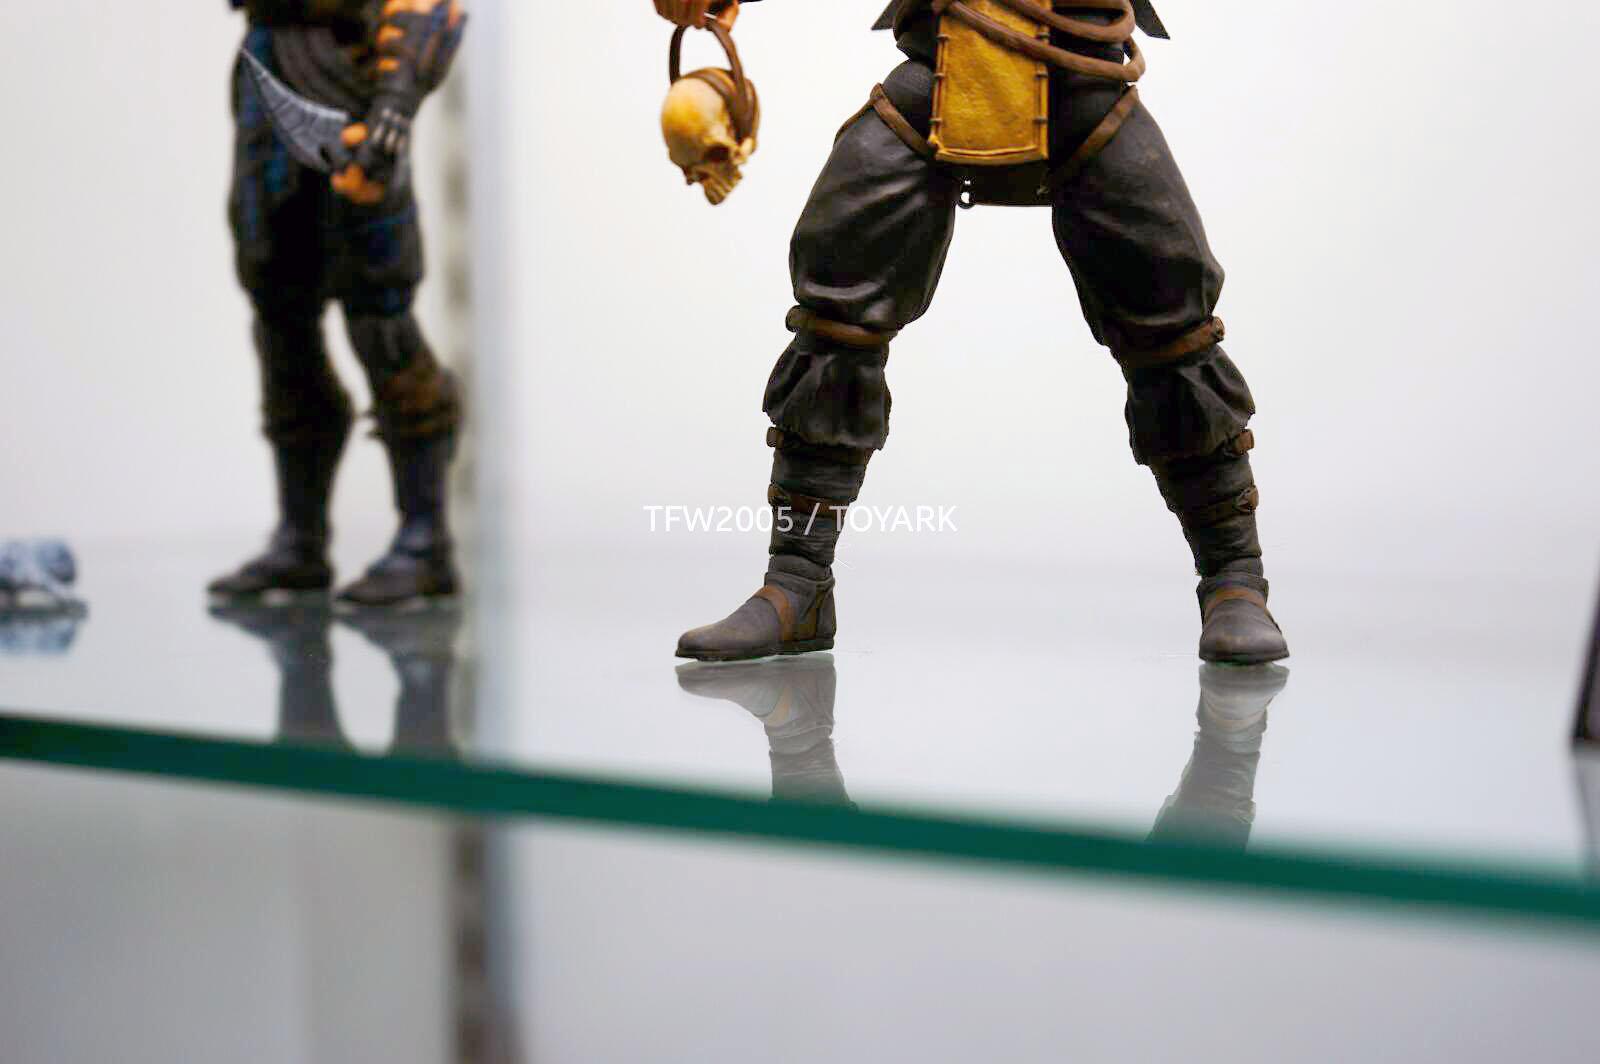 [NYCC 2014] MEZCO - 6-Inch Mortal Kombat X Figures NYCC-2014-Mezco-Mortal-Kombat-X-011